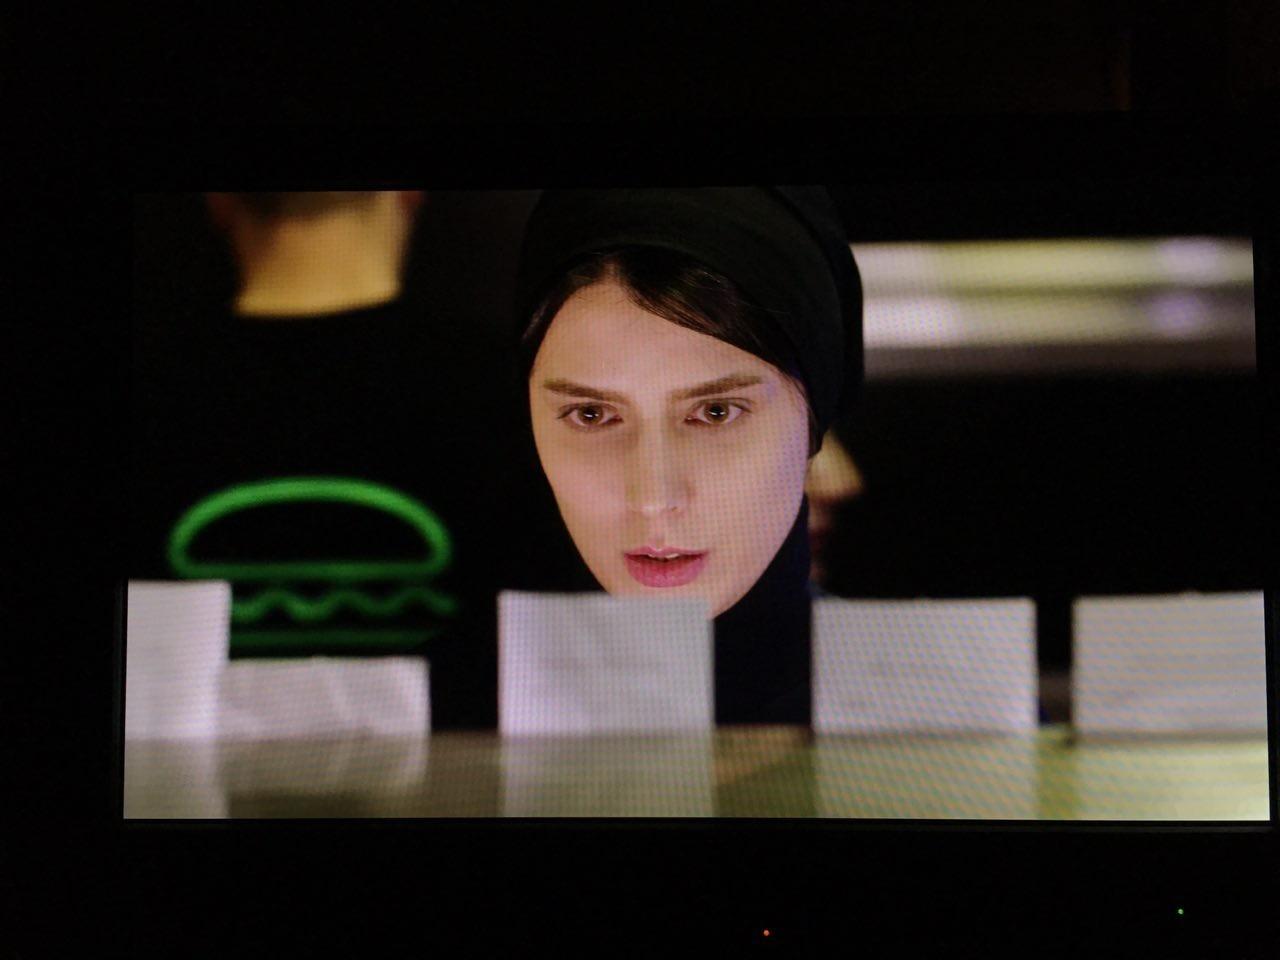 لیلا حاتمی در فیلم رگ خواب